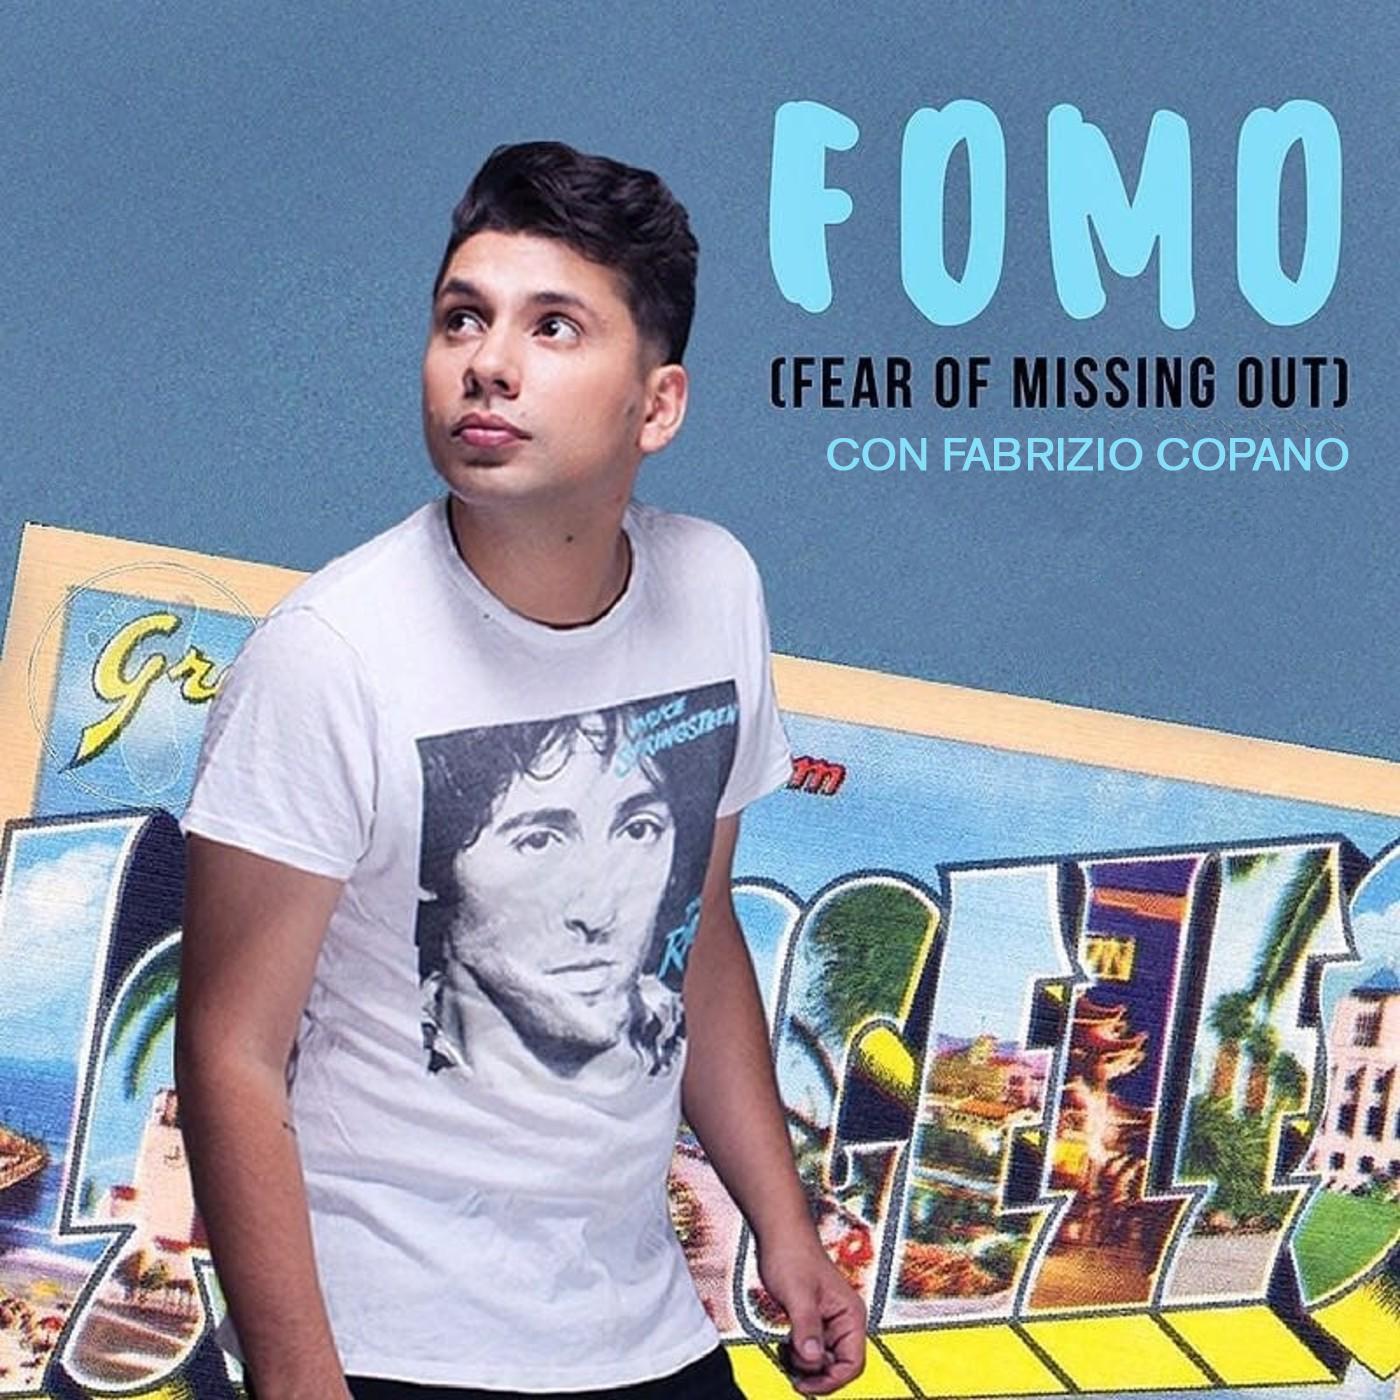 #FOMO - Desde L.A. Fabrizio Copano intenta conectar con las nuevas vibras de Chile y el mundo entero.